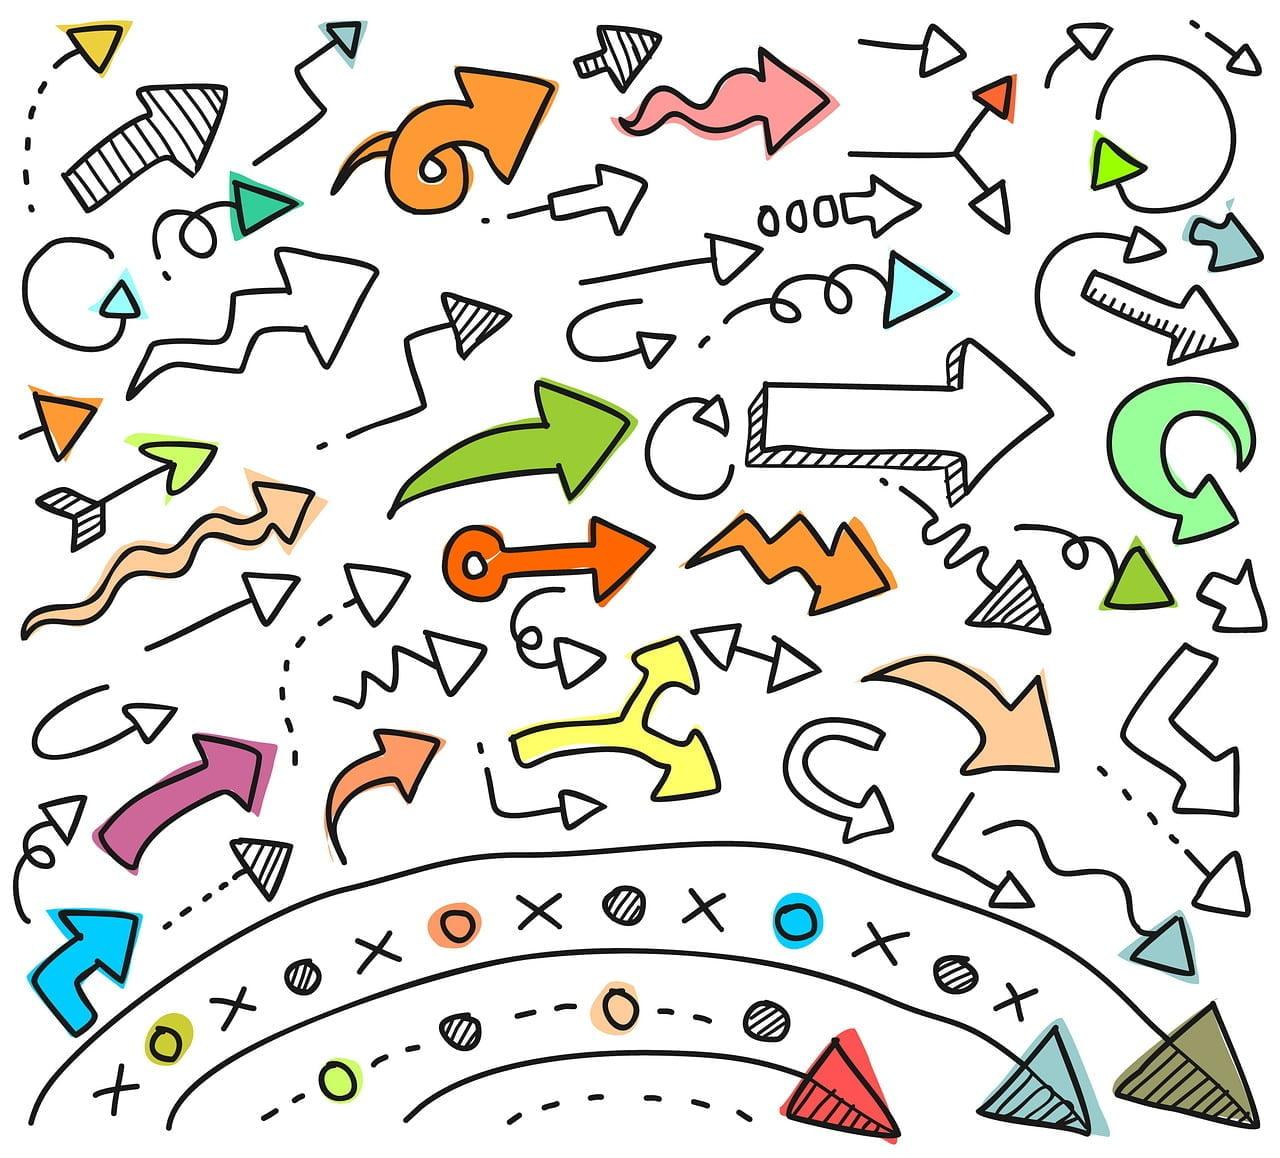 Aponte para a direção certa, definindo bem seu mercado antes de começar a operar (Imagem: Pixabay/Reprodução).